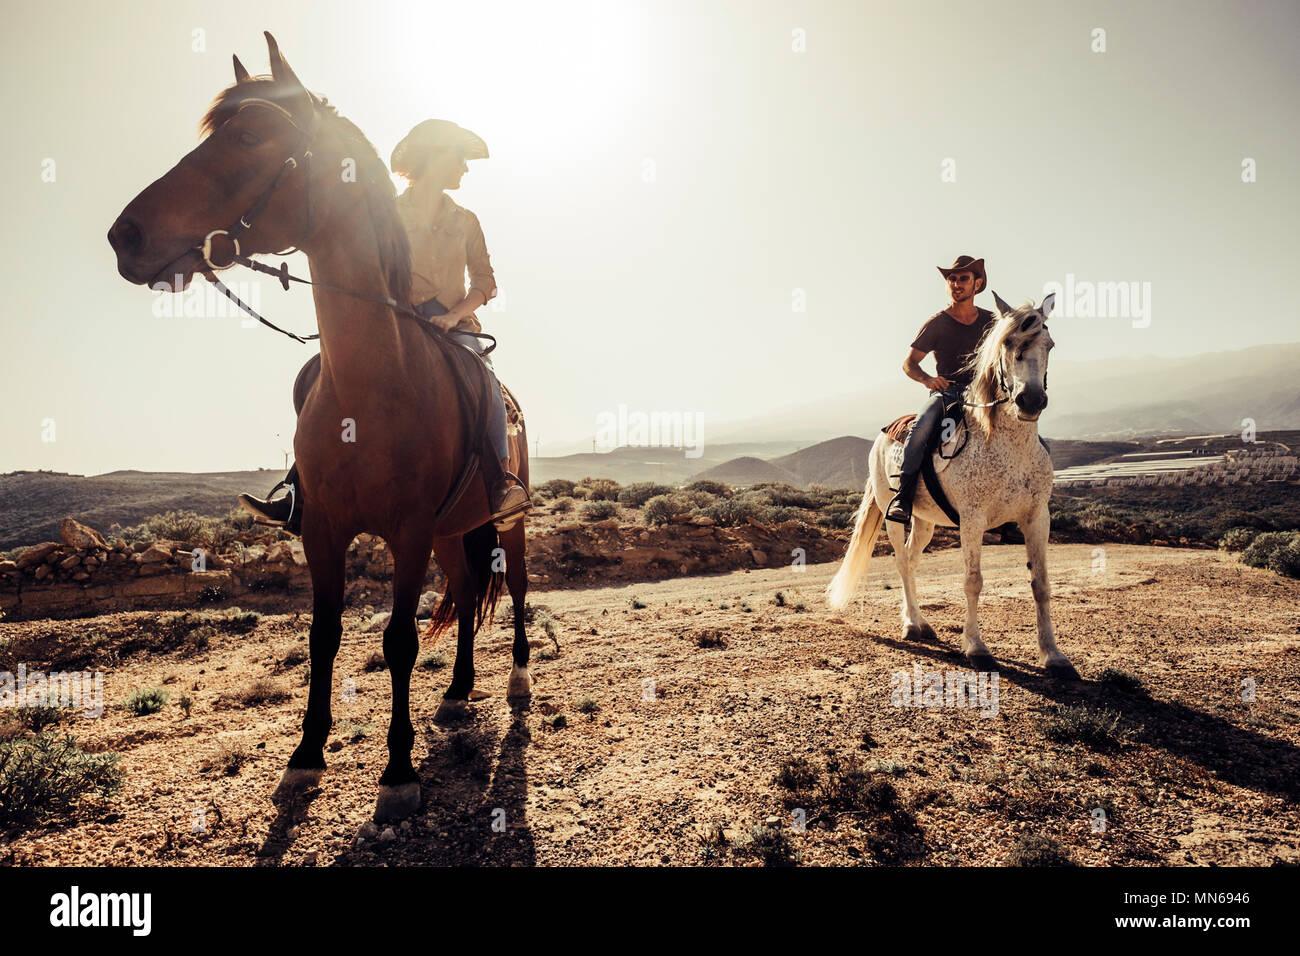 Par de caballos y vaqueros paseo macho y hembra libre en la naturaleza en las montañas en Tenerife. El estilo de vida y otras obras o actividades de ocio Imagen De Stock